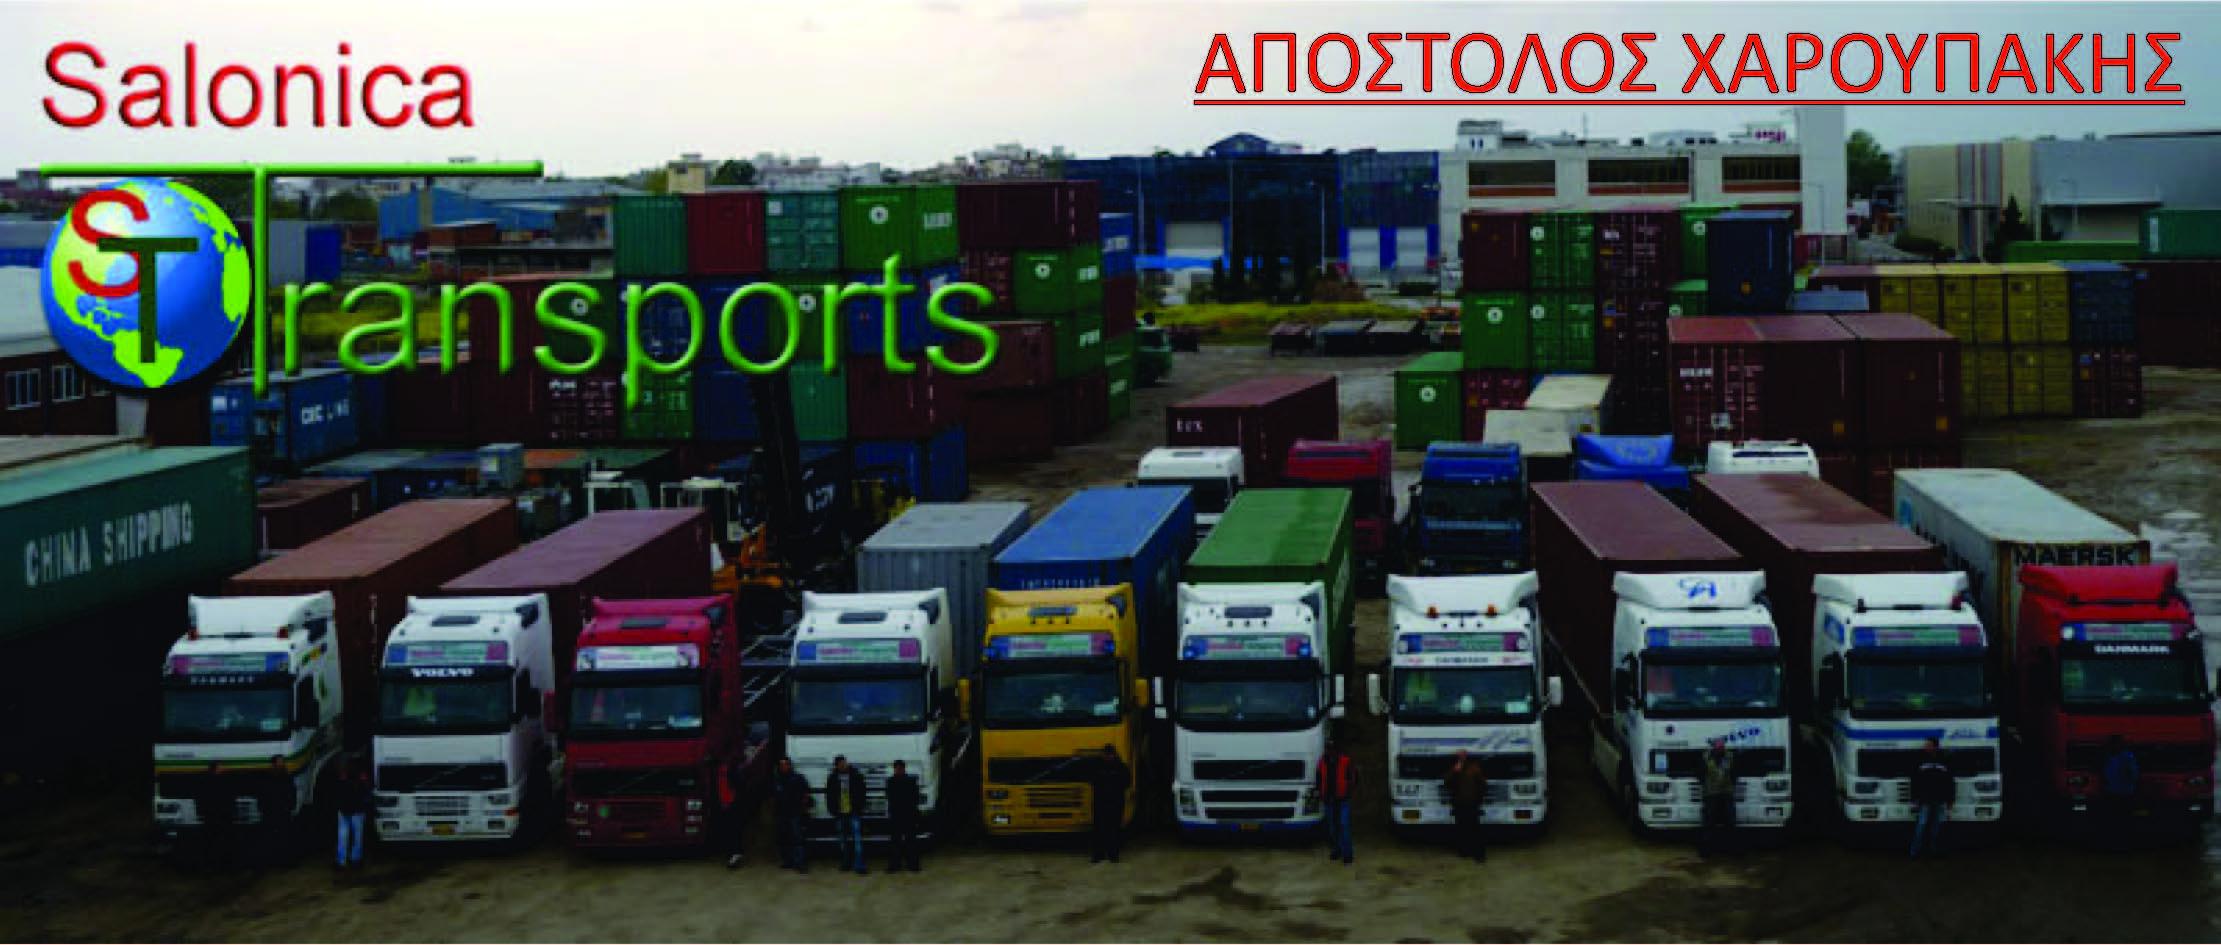 http://www.salonica-transports.gr/